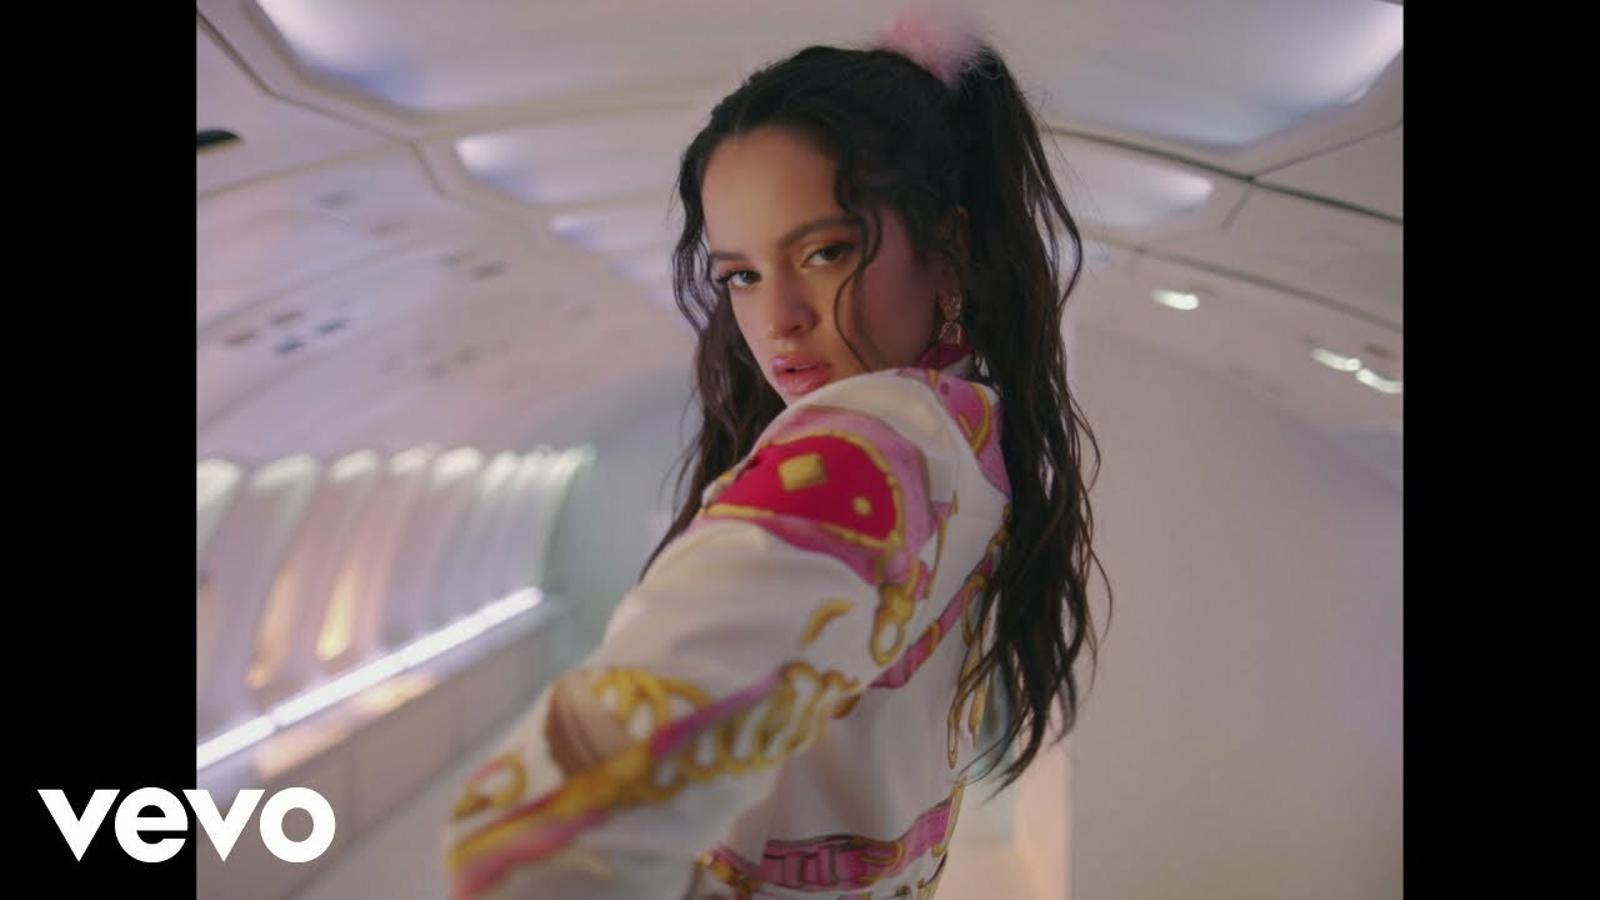 Les sis cançons més escoltades del 2019 són en espanyol